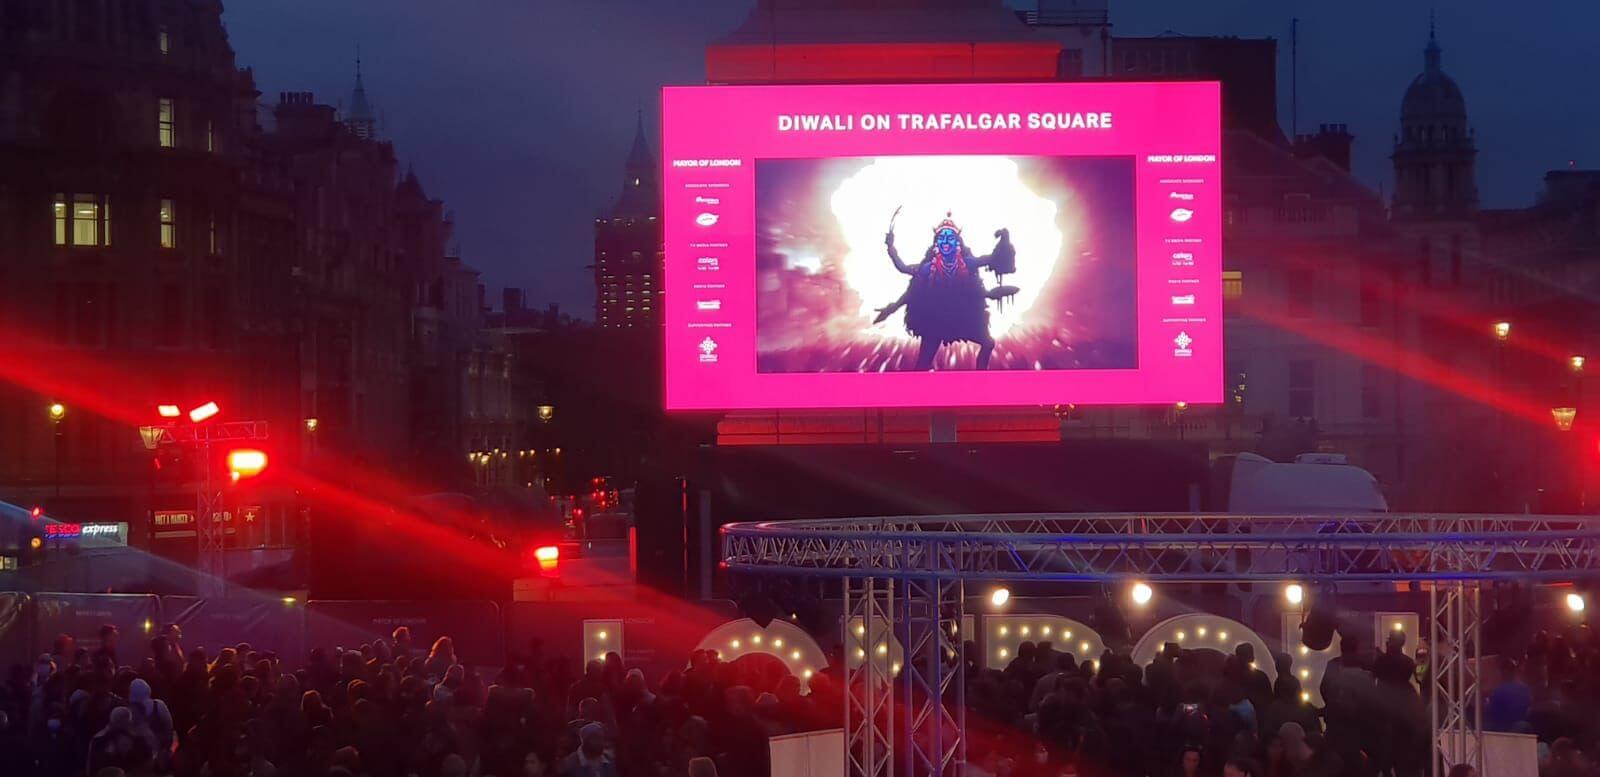 Bengal's heritage artwork of Aplana London Diwali Celebration Trafalgar Square Kali Puja